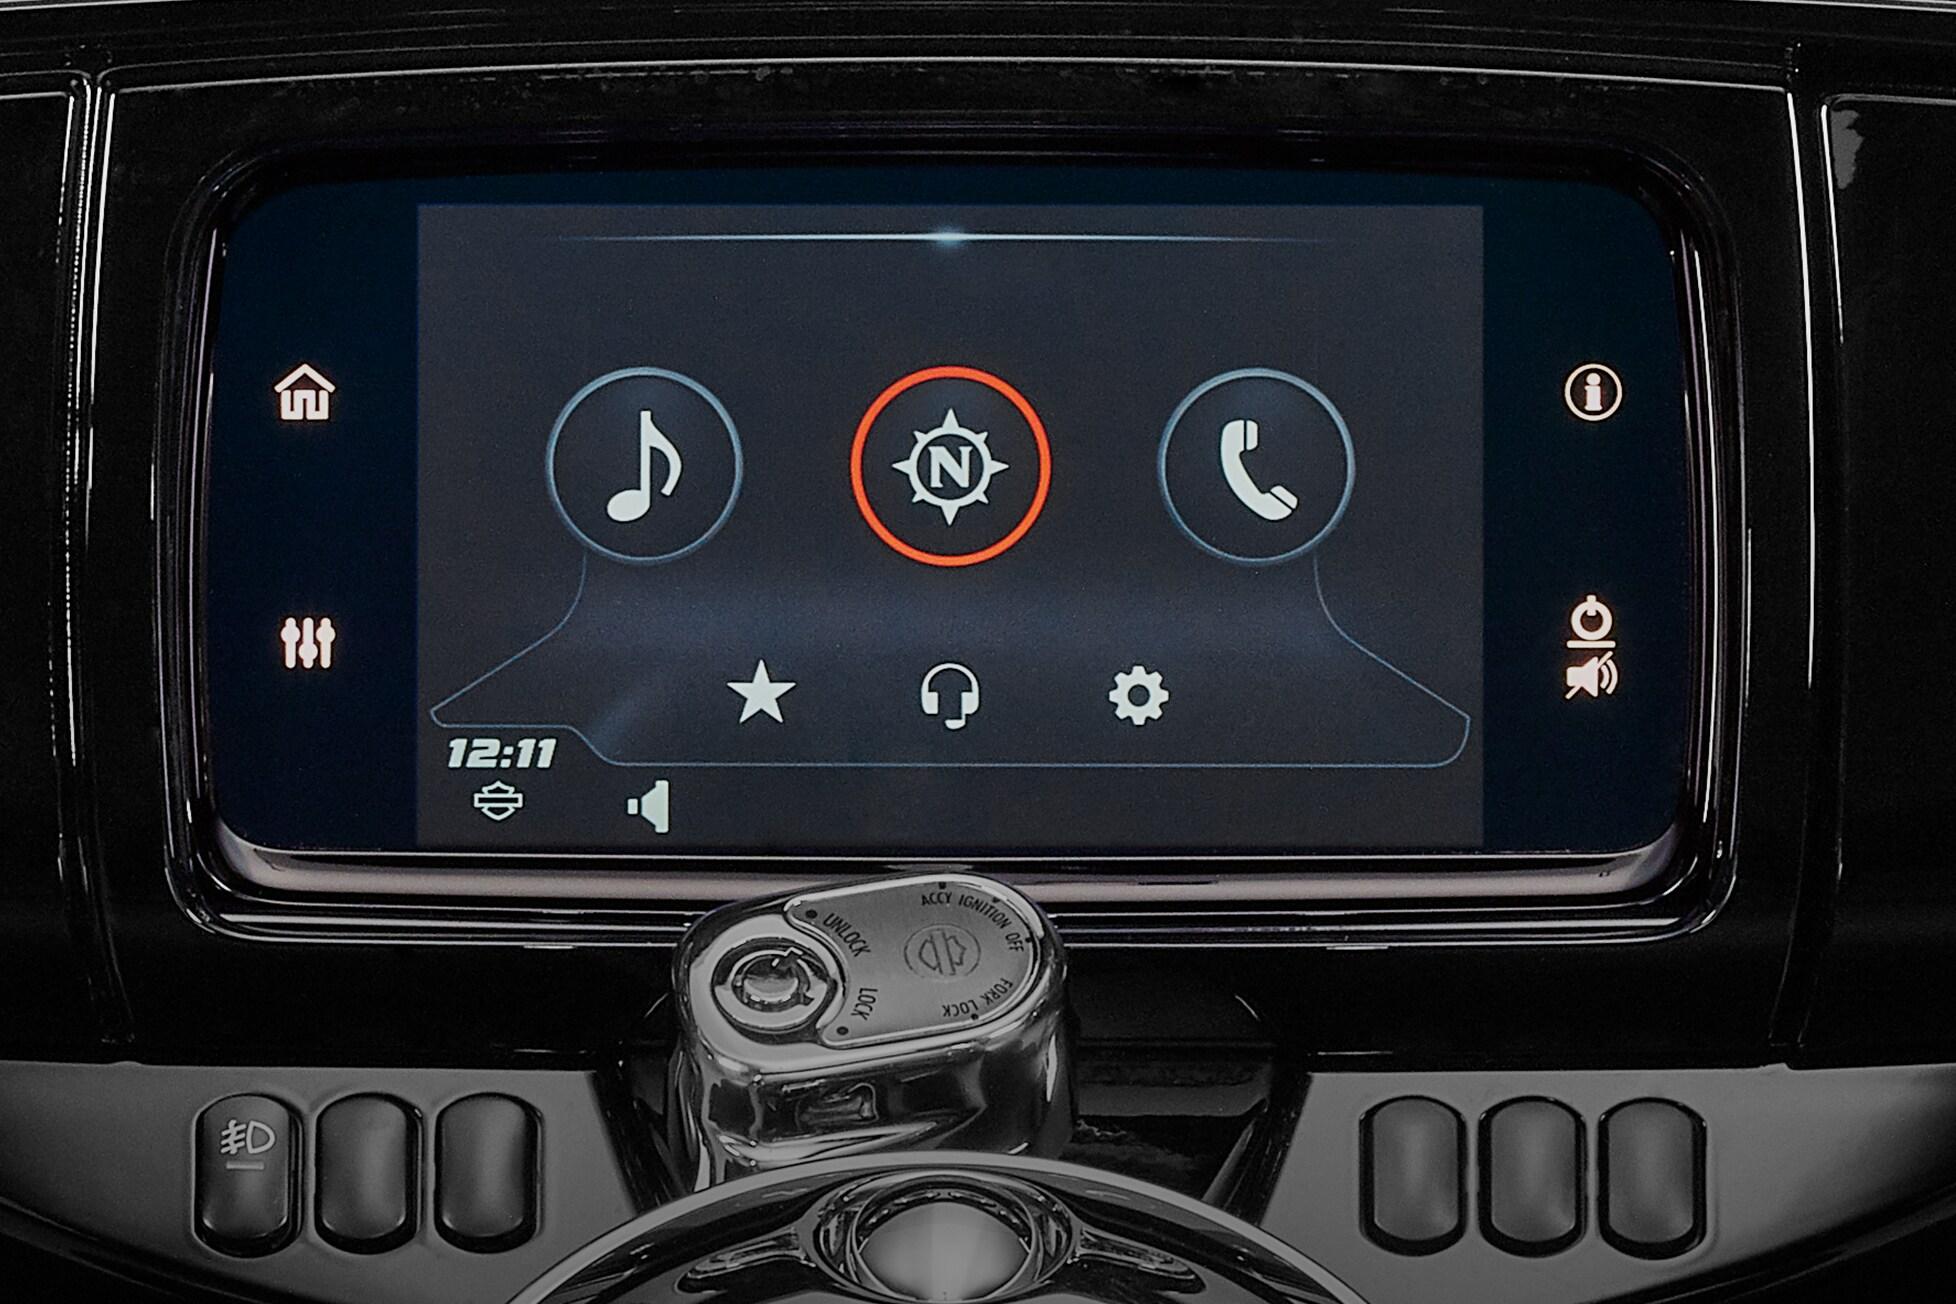 Uma experiência de interface avançada que oferece funcionalidade, sensação e visual contemporâneos com durabilidade e características excepcionais, especificamente desenvolvidas para o motociclismo. Cada elemento foi otimizado para aumentar a interação entre o motociclista e a motocicleta e a conectividade com o mundo.